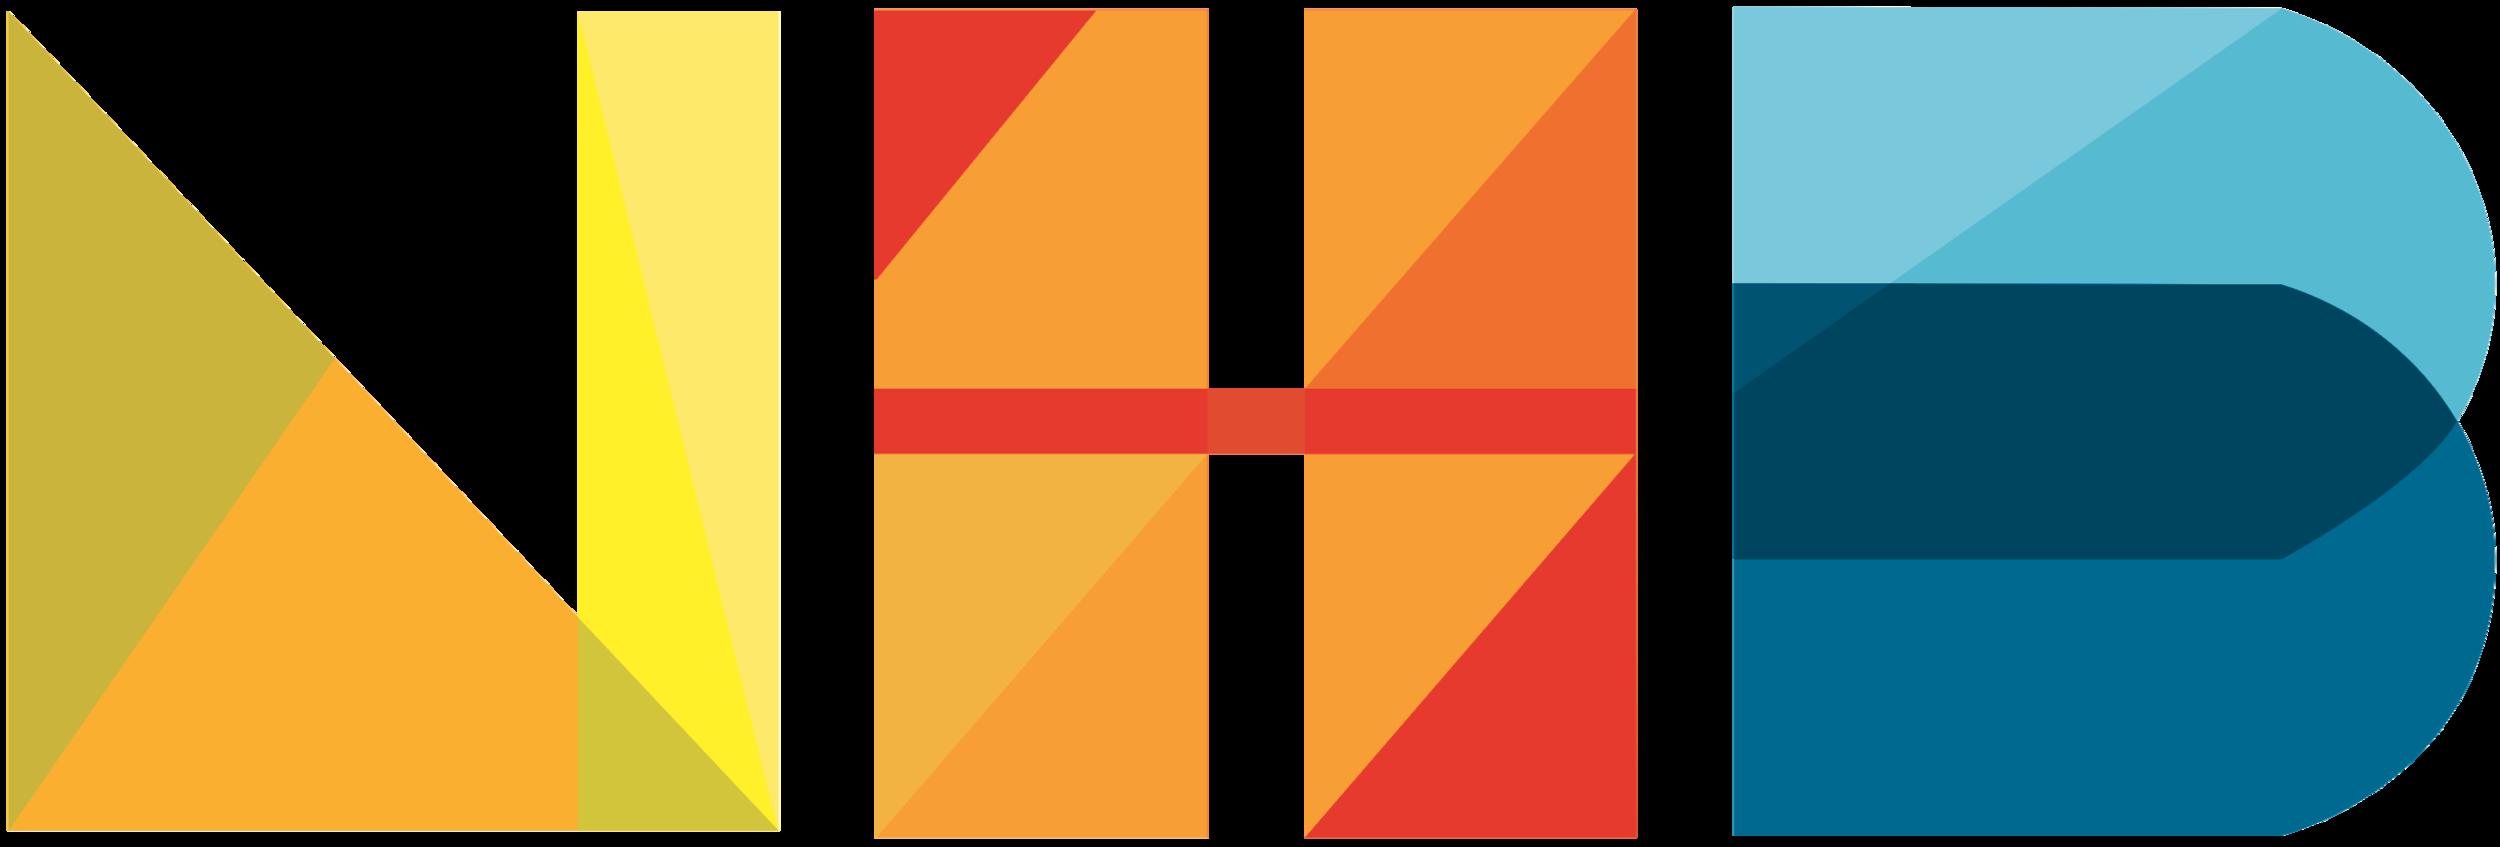 Not Half Bad NHB Logo 2017.png